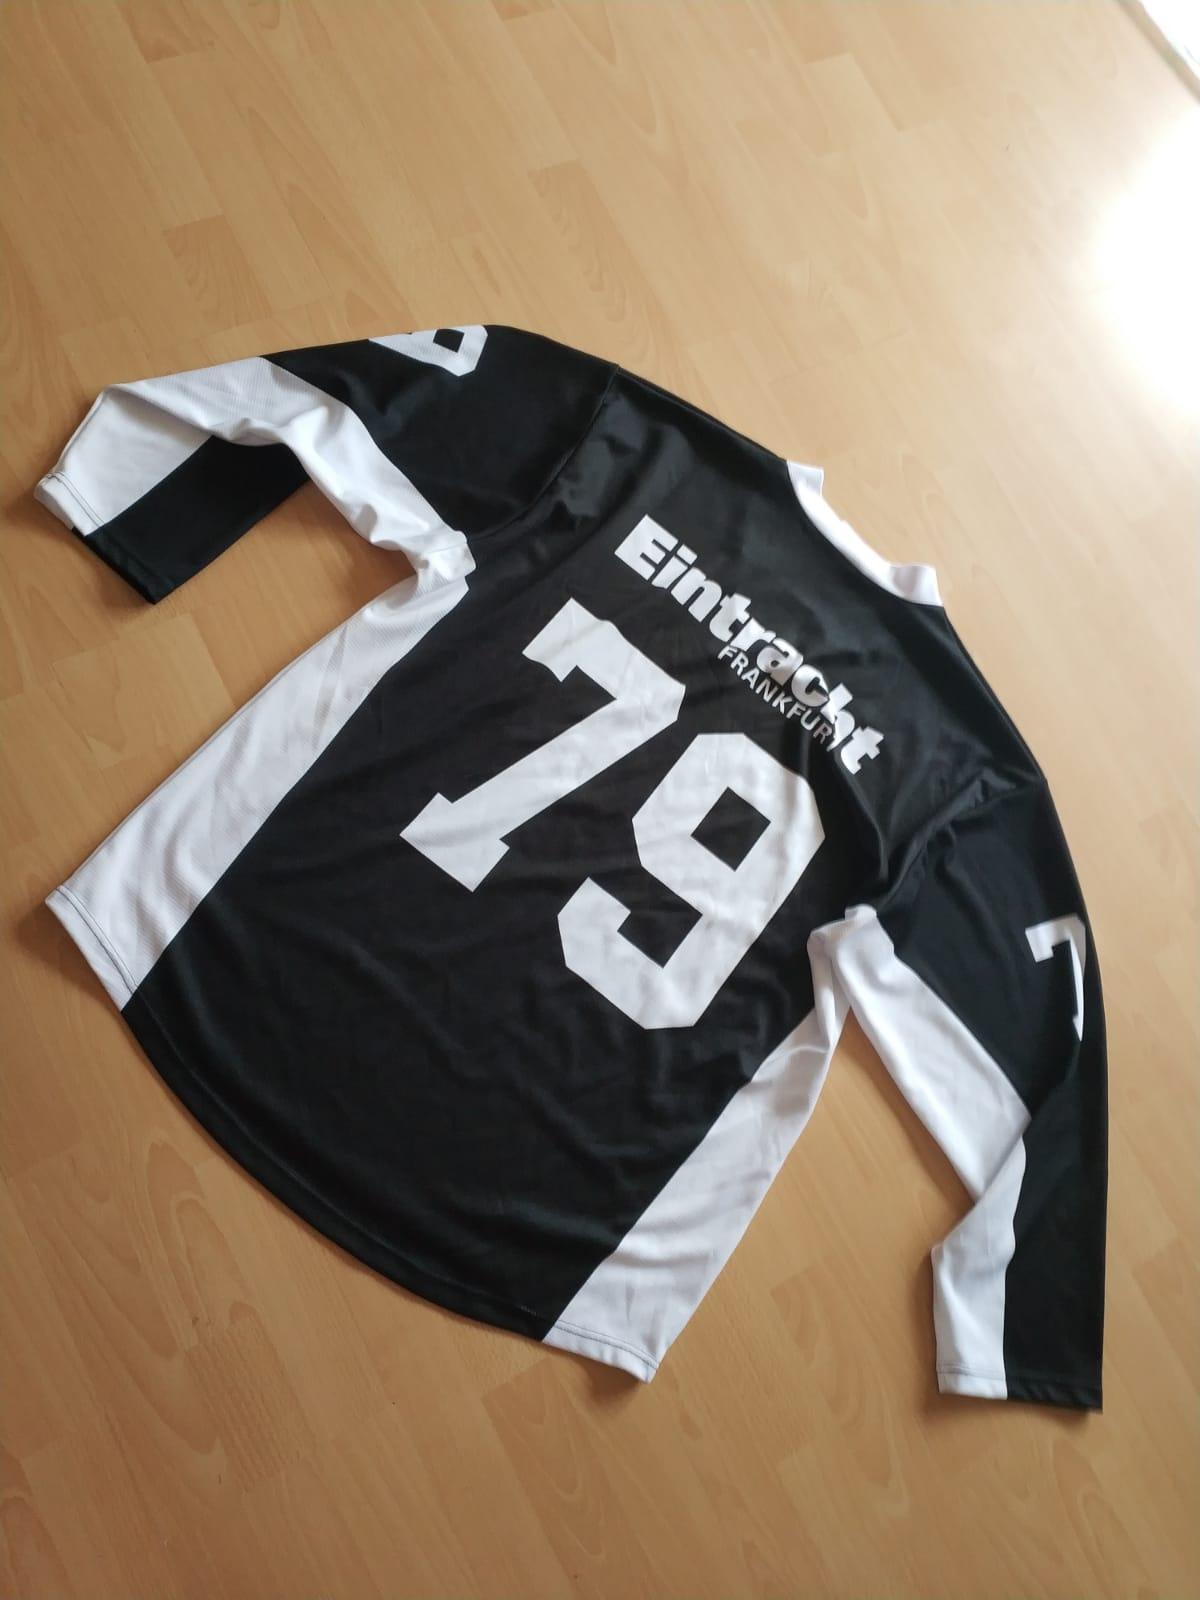 Verlosung Matchworn Trikot von der Eintracht Frankfurt Eishockey Abteilung